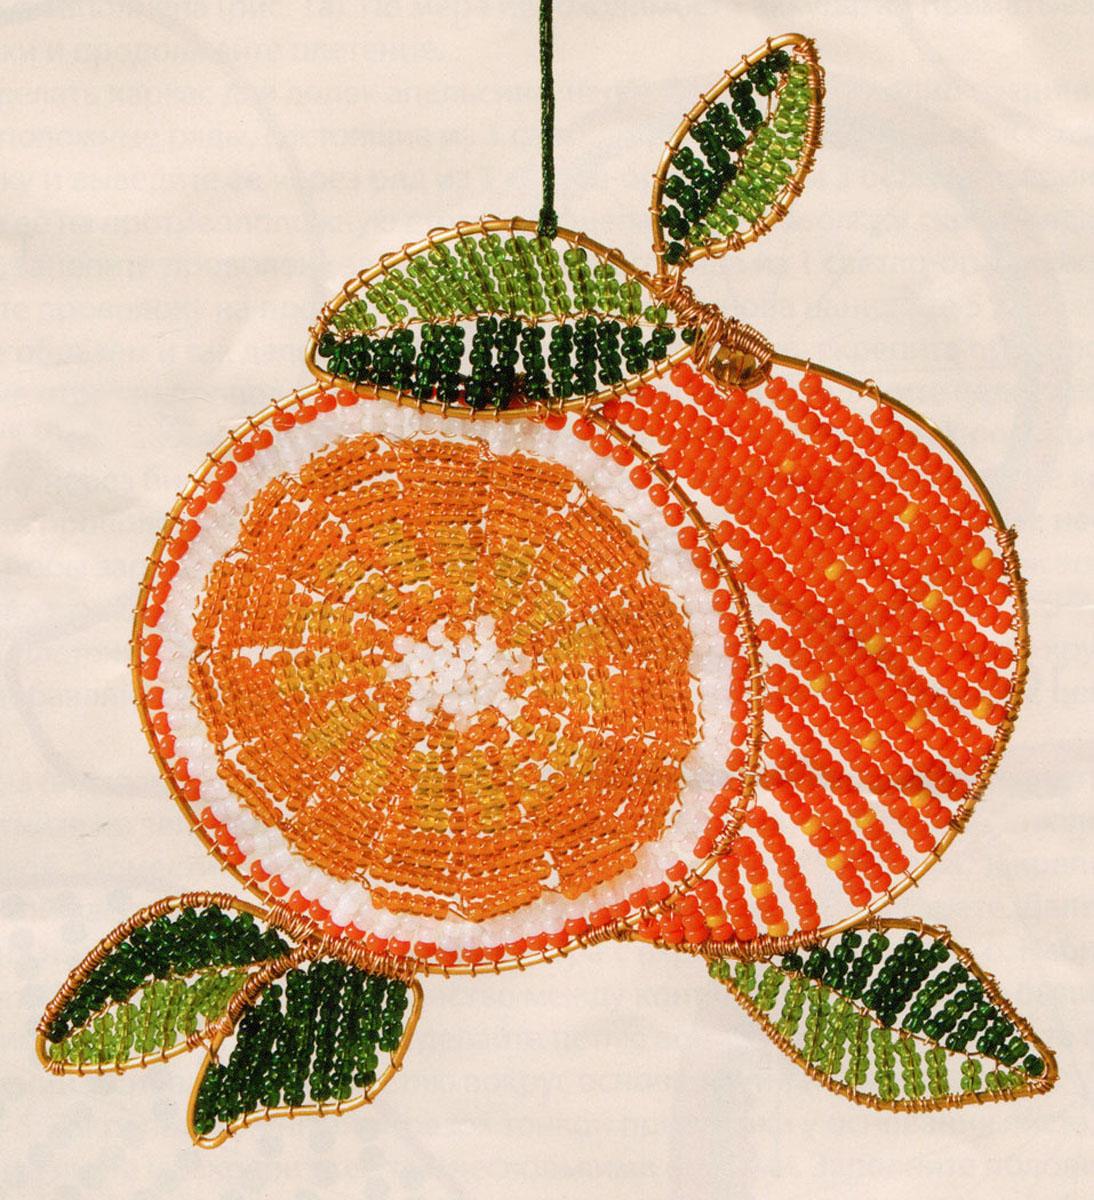 Набор для бисероплетения Чаривна Мить, 11 х 11 см. БП-73348710Состав набора: проволока - 1 цвет, бисер Чехия - 6 цветов, метализированное мулине - 1 цвет, схема-инструкция